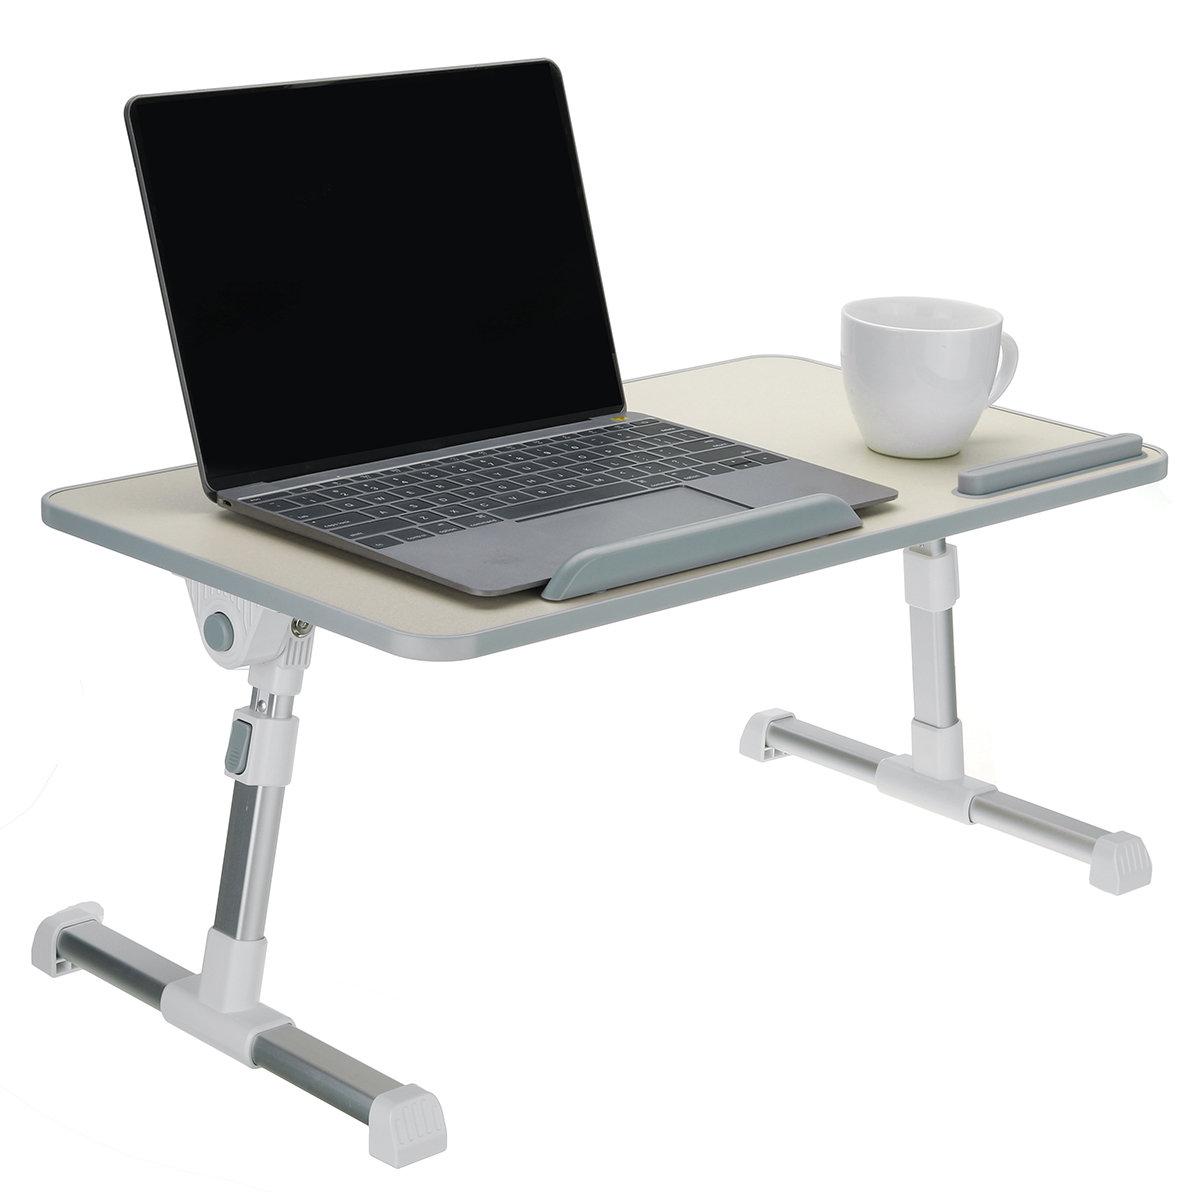 Składany stolik pod laptop podstawka + wentylator